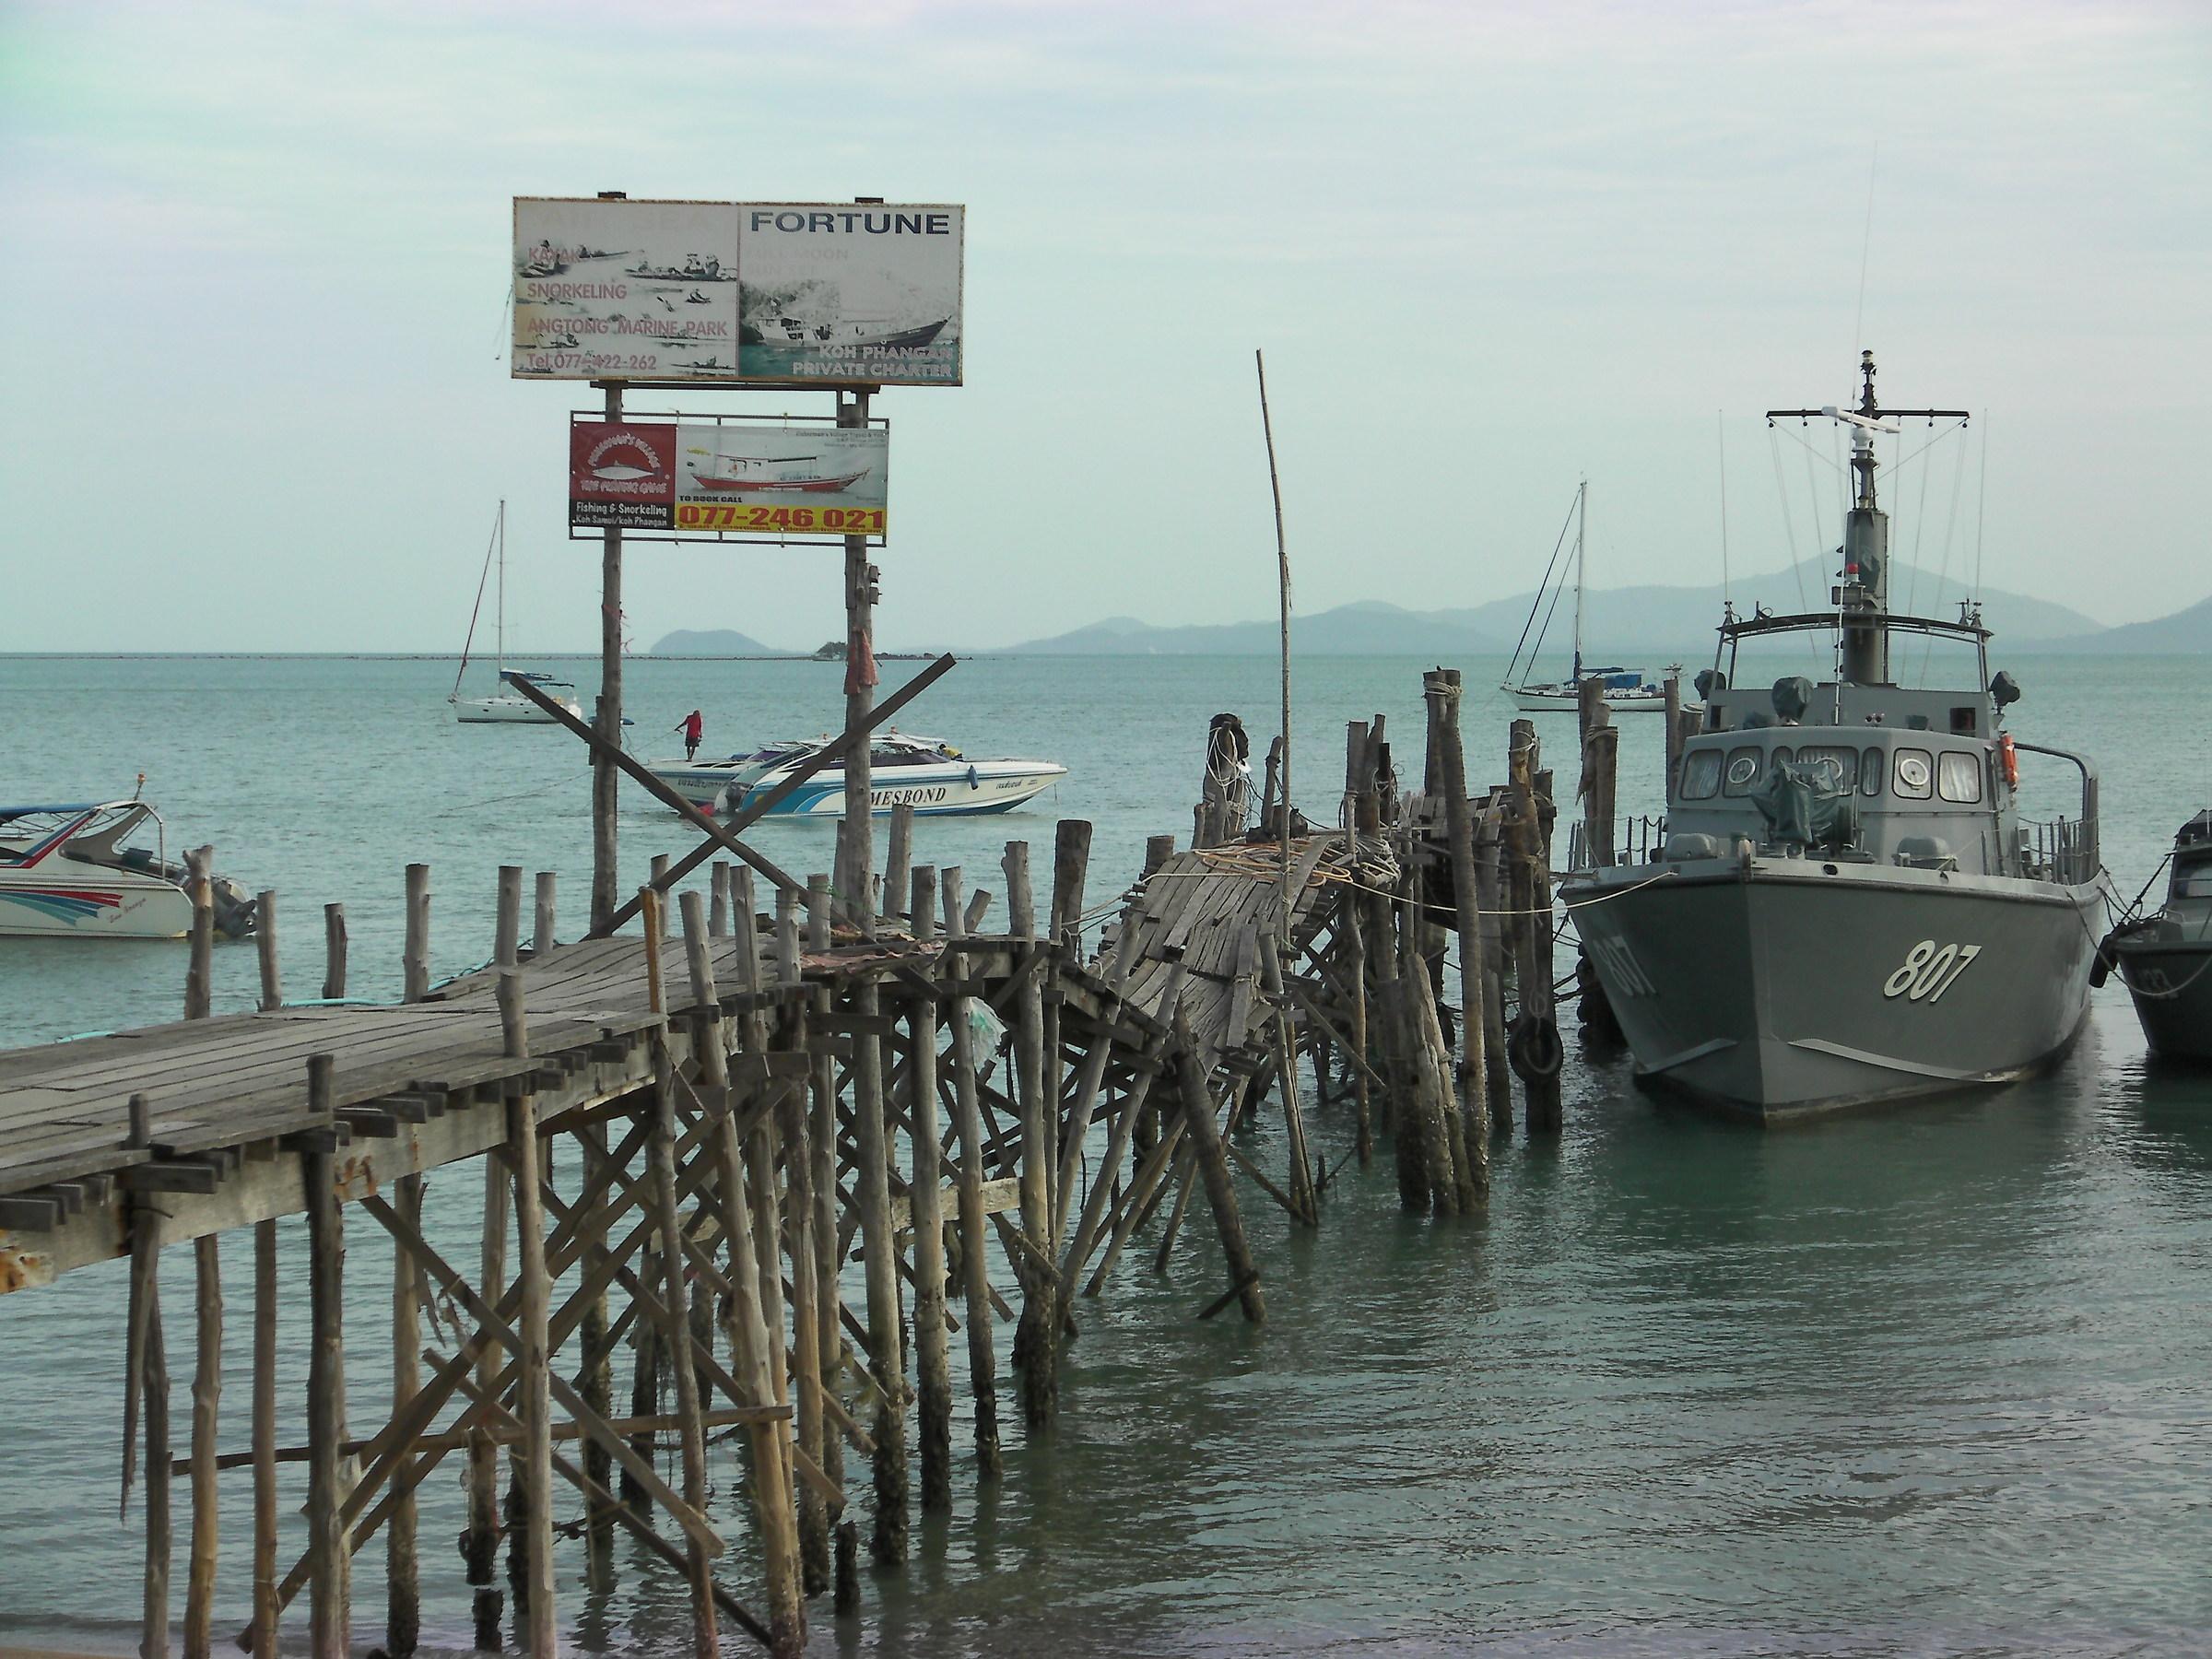 Thailandia - Koh Samui - Fisherman's village pier...